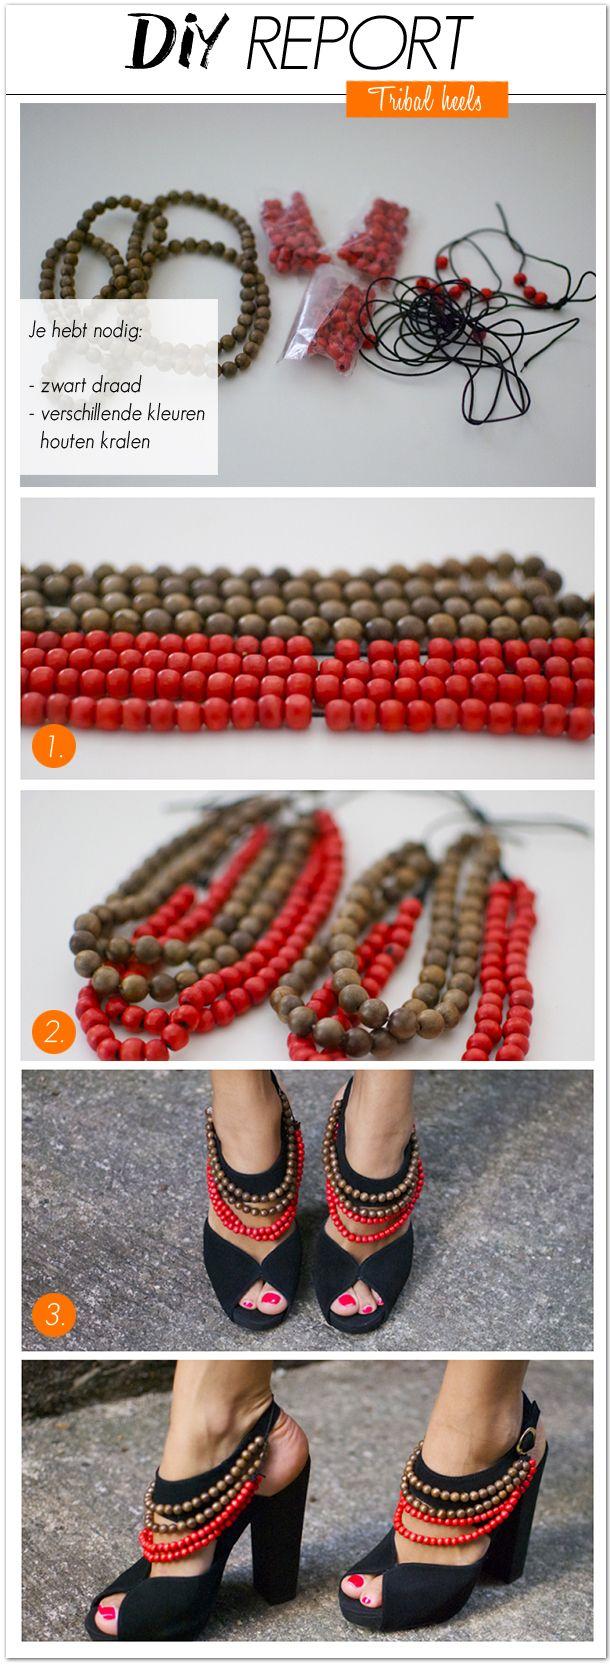 De modewereld is nog lang niet uitgekeken op de etnische printjes en exotische invloeden. De DIY van vandaag is geïnspireerd op de Burberry tribal beaded heels uit de Resort 2012 collectie.